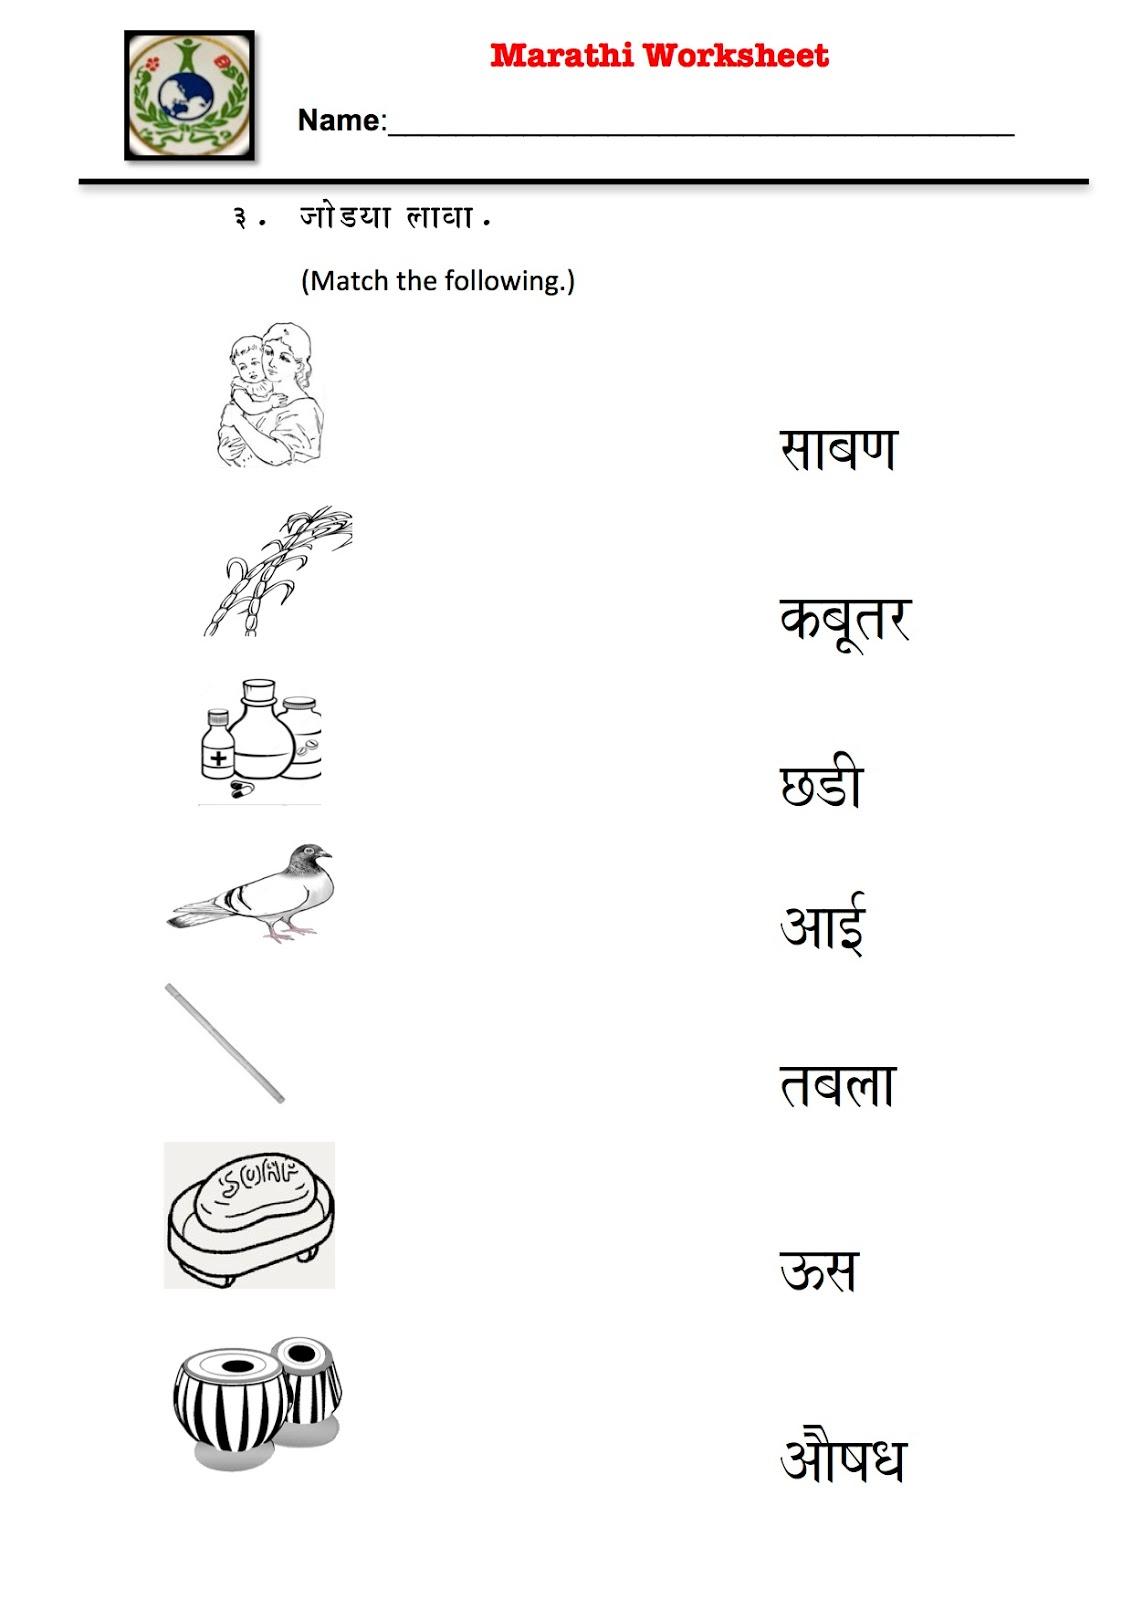 Marathi Worksheet